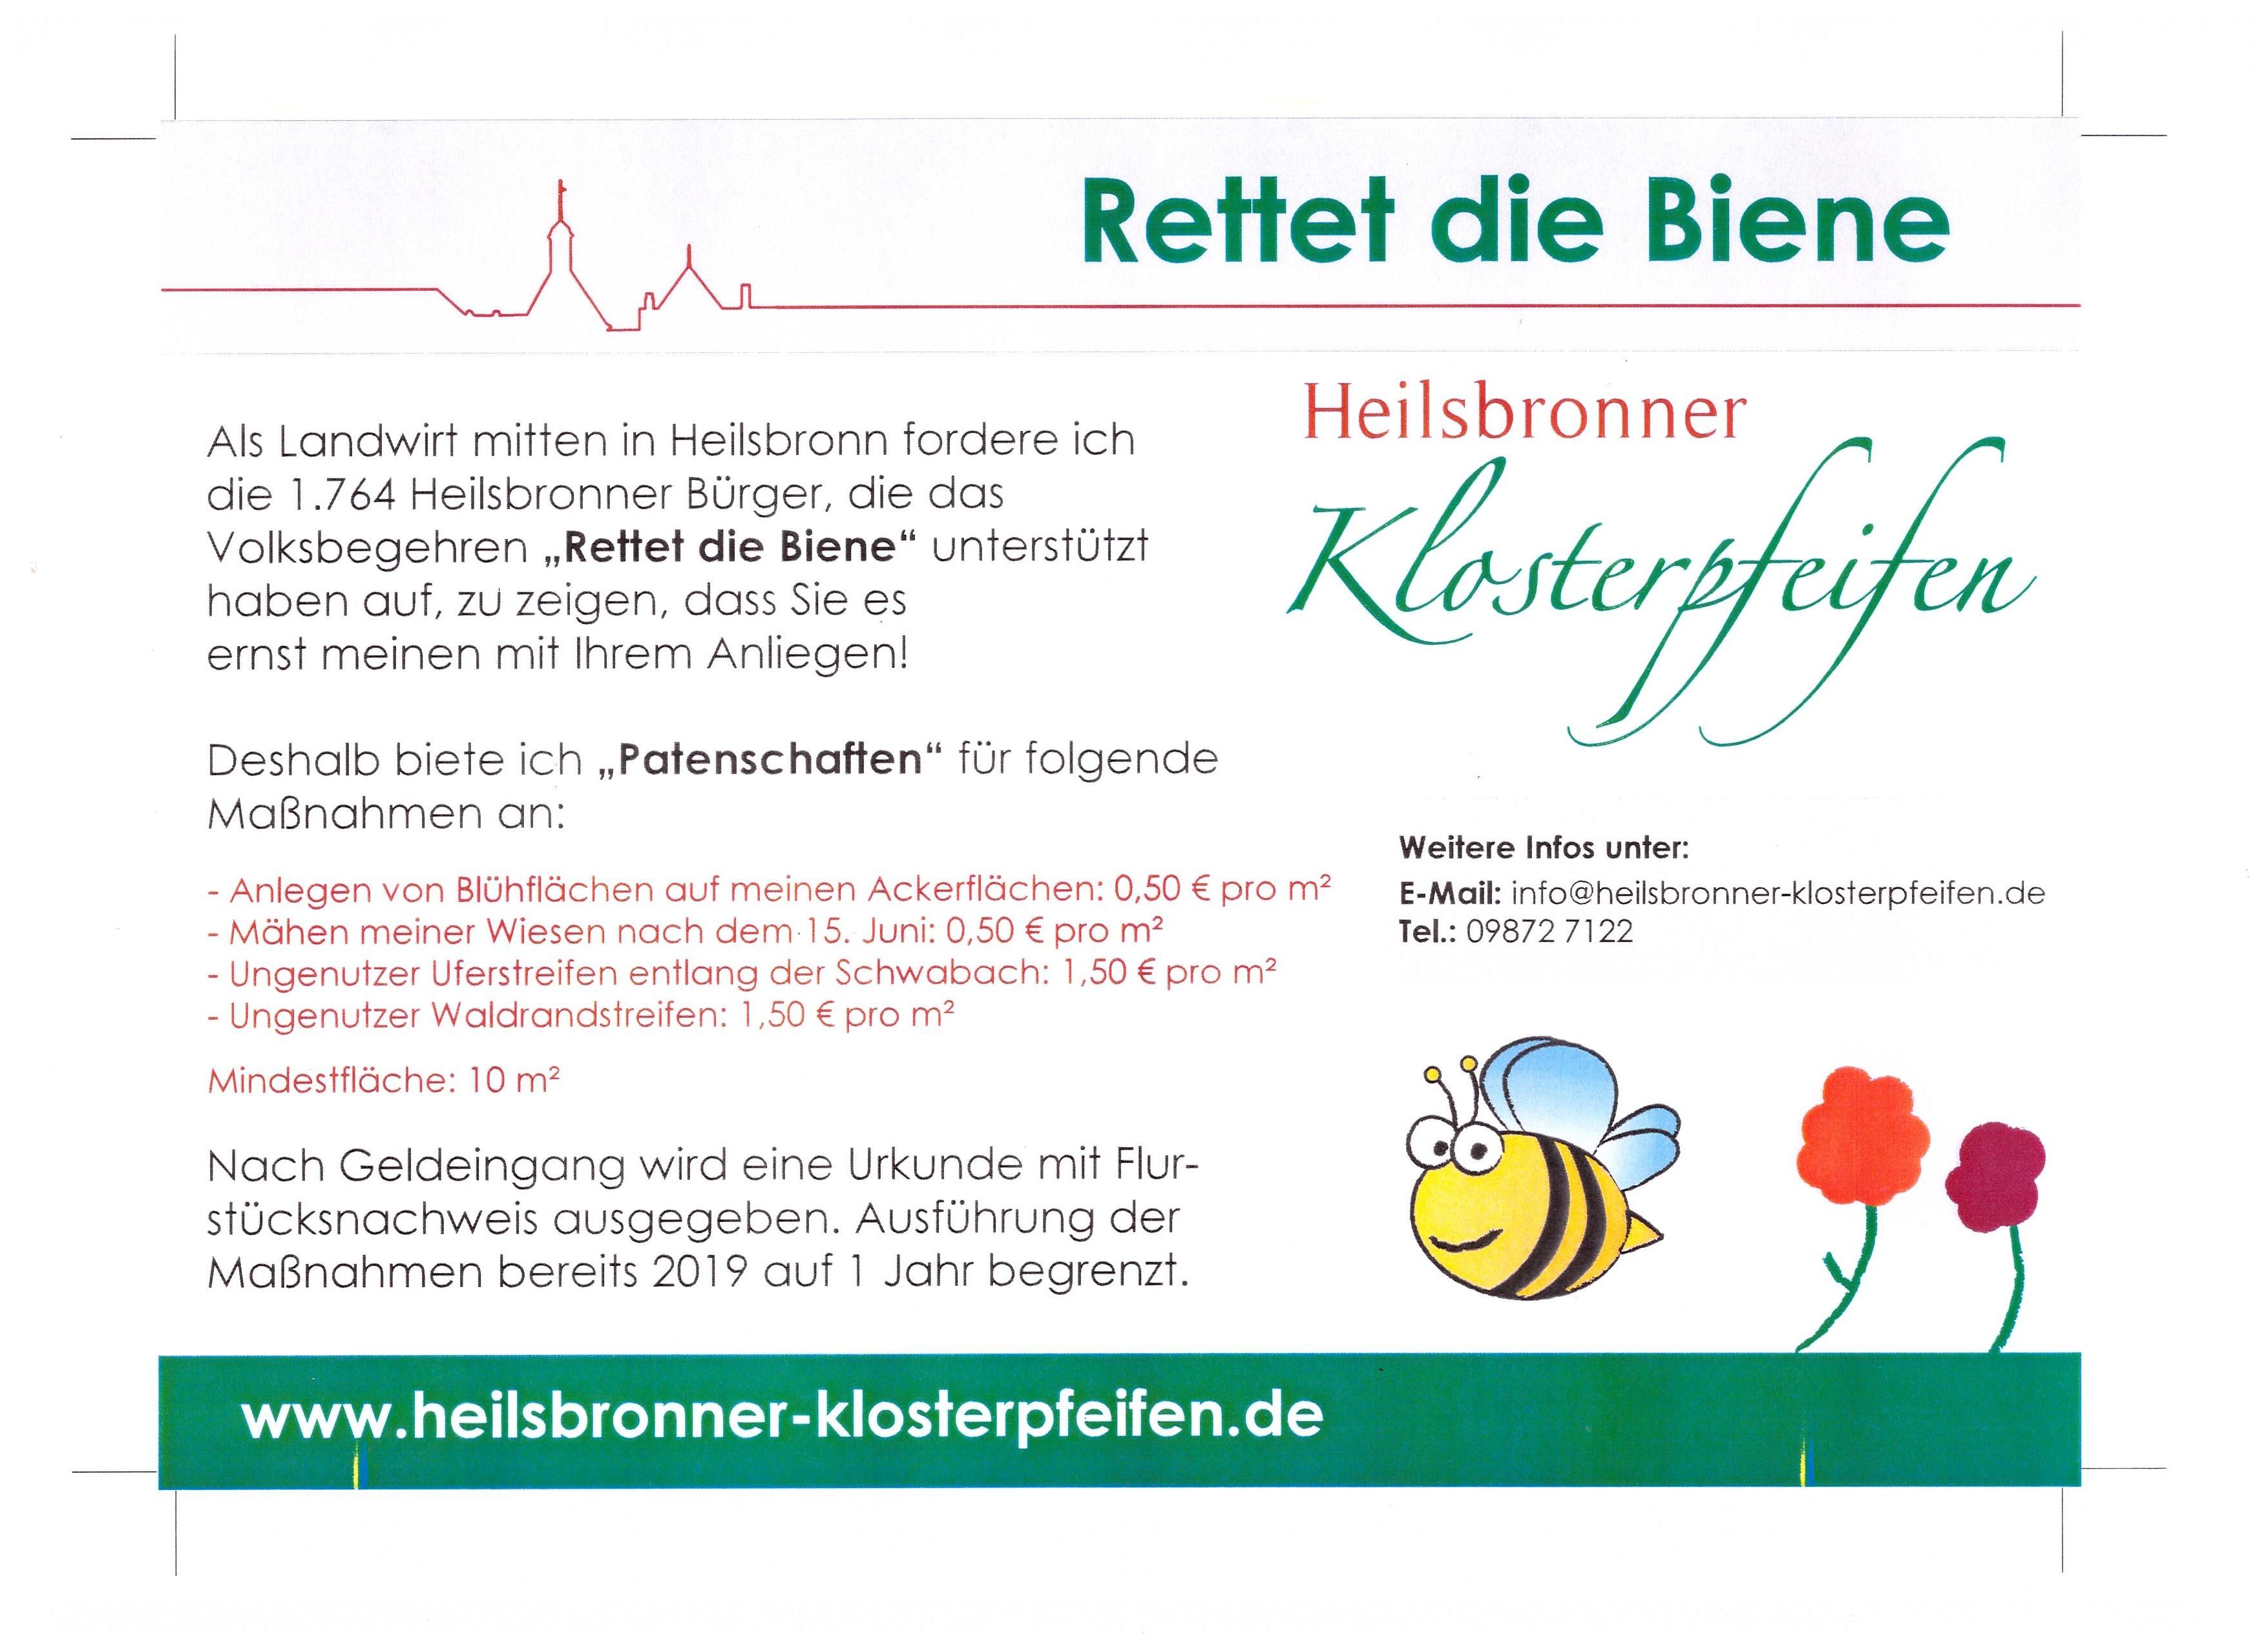 Rettet die Biene 001